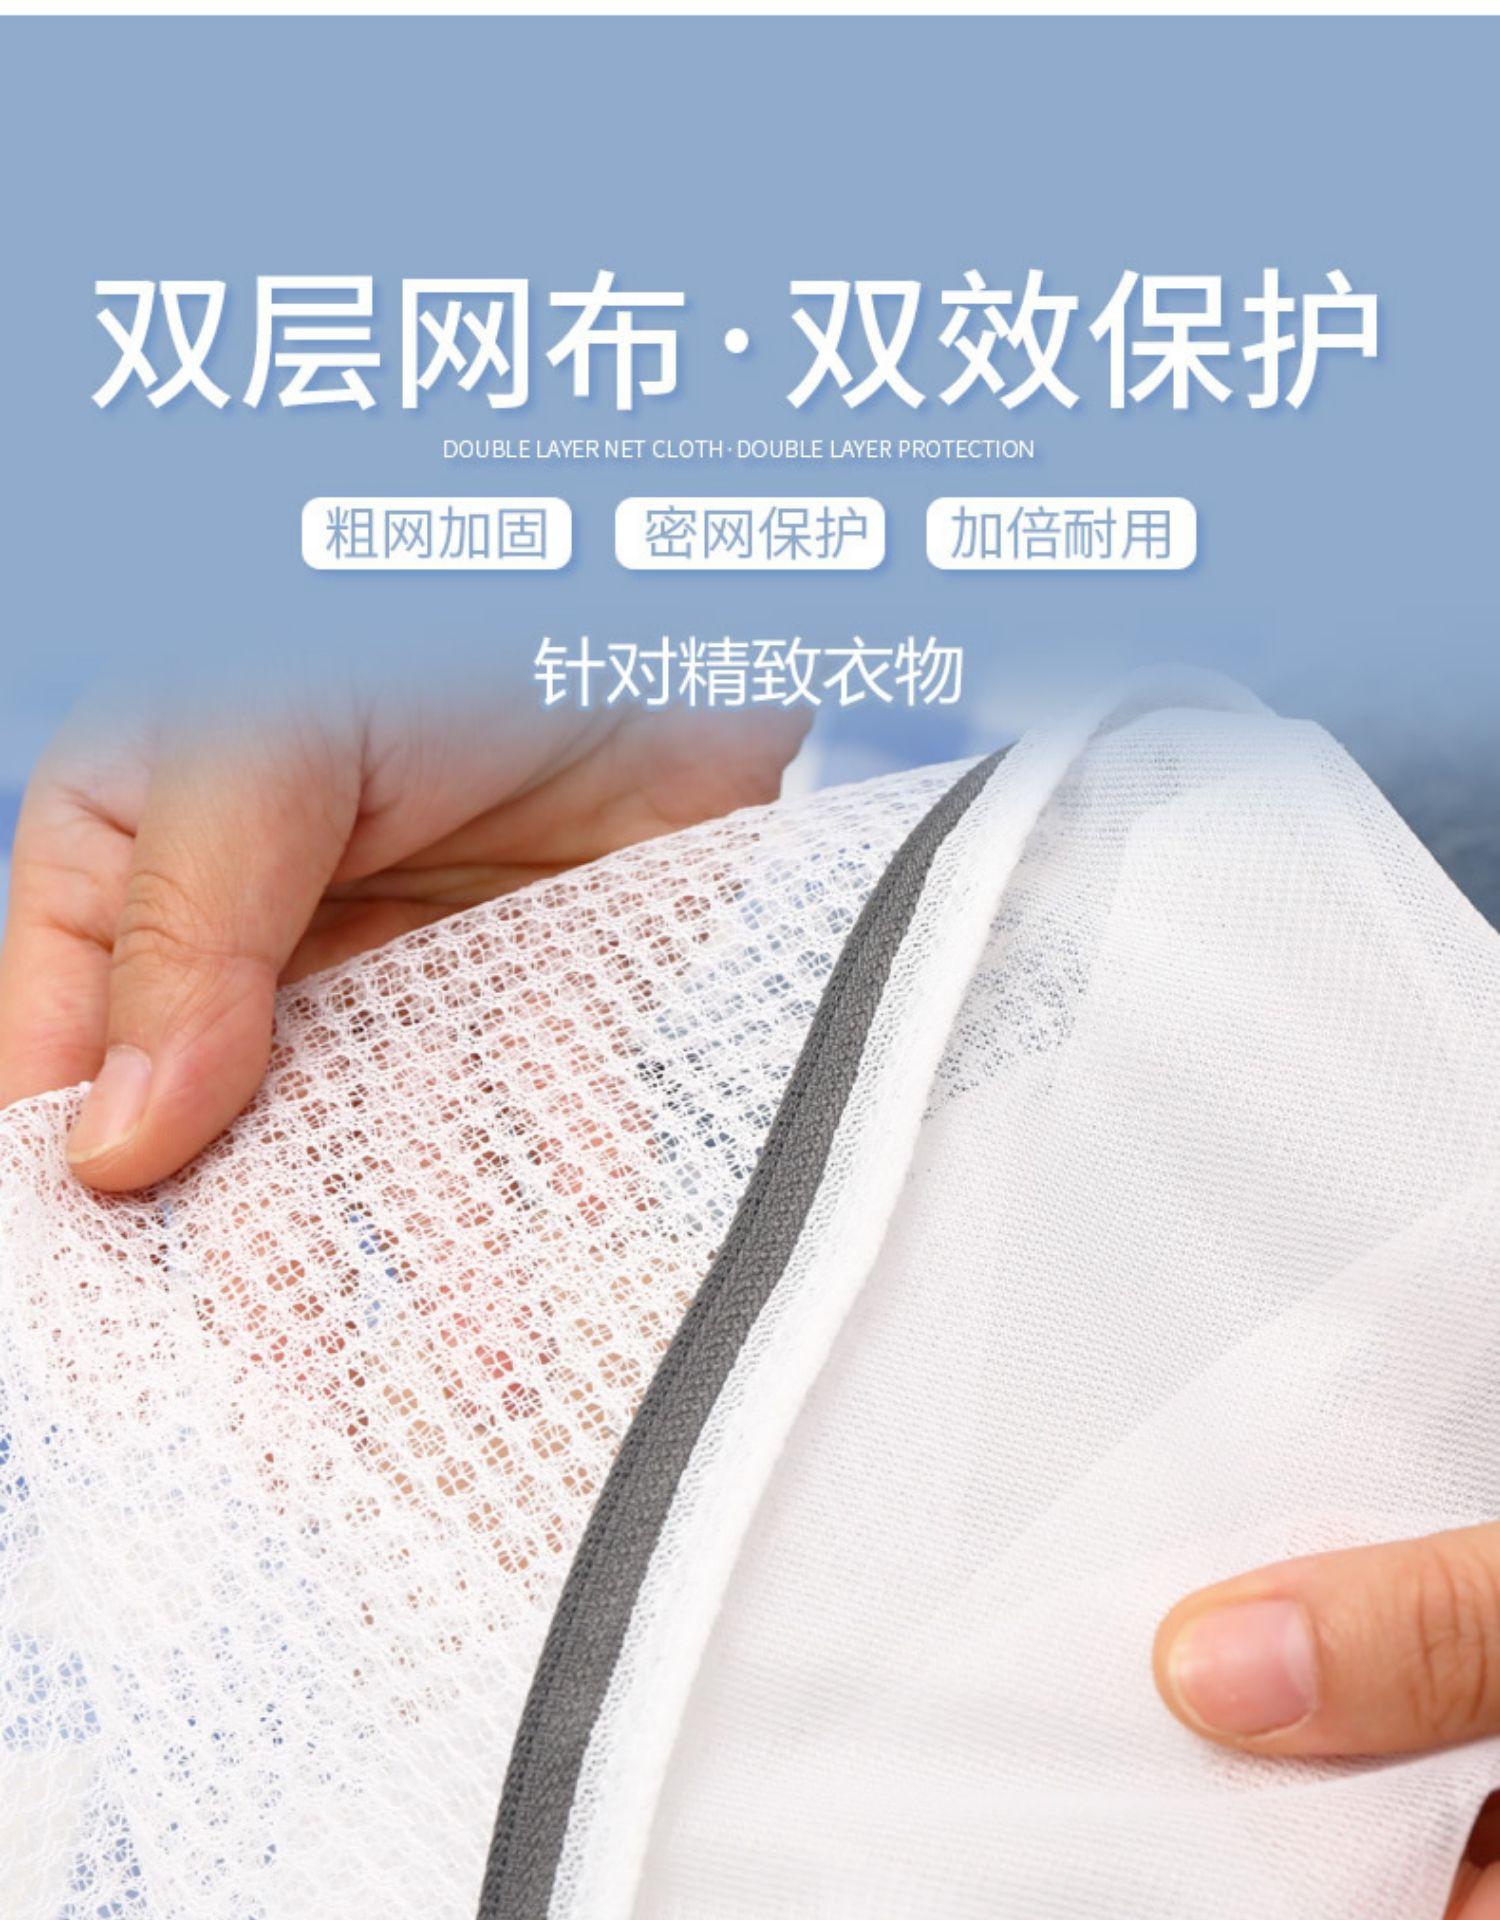 出口日本洗衣袋洗衣机专用内衣网袋家用护洗袋防变形洗毛衣神器详细照片